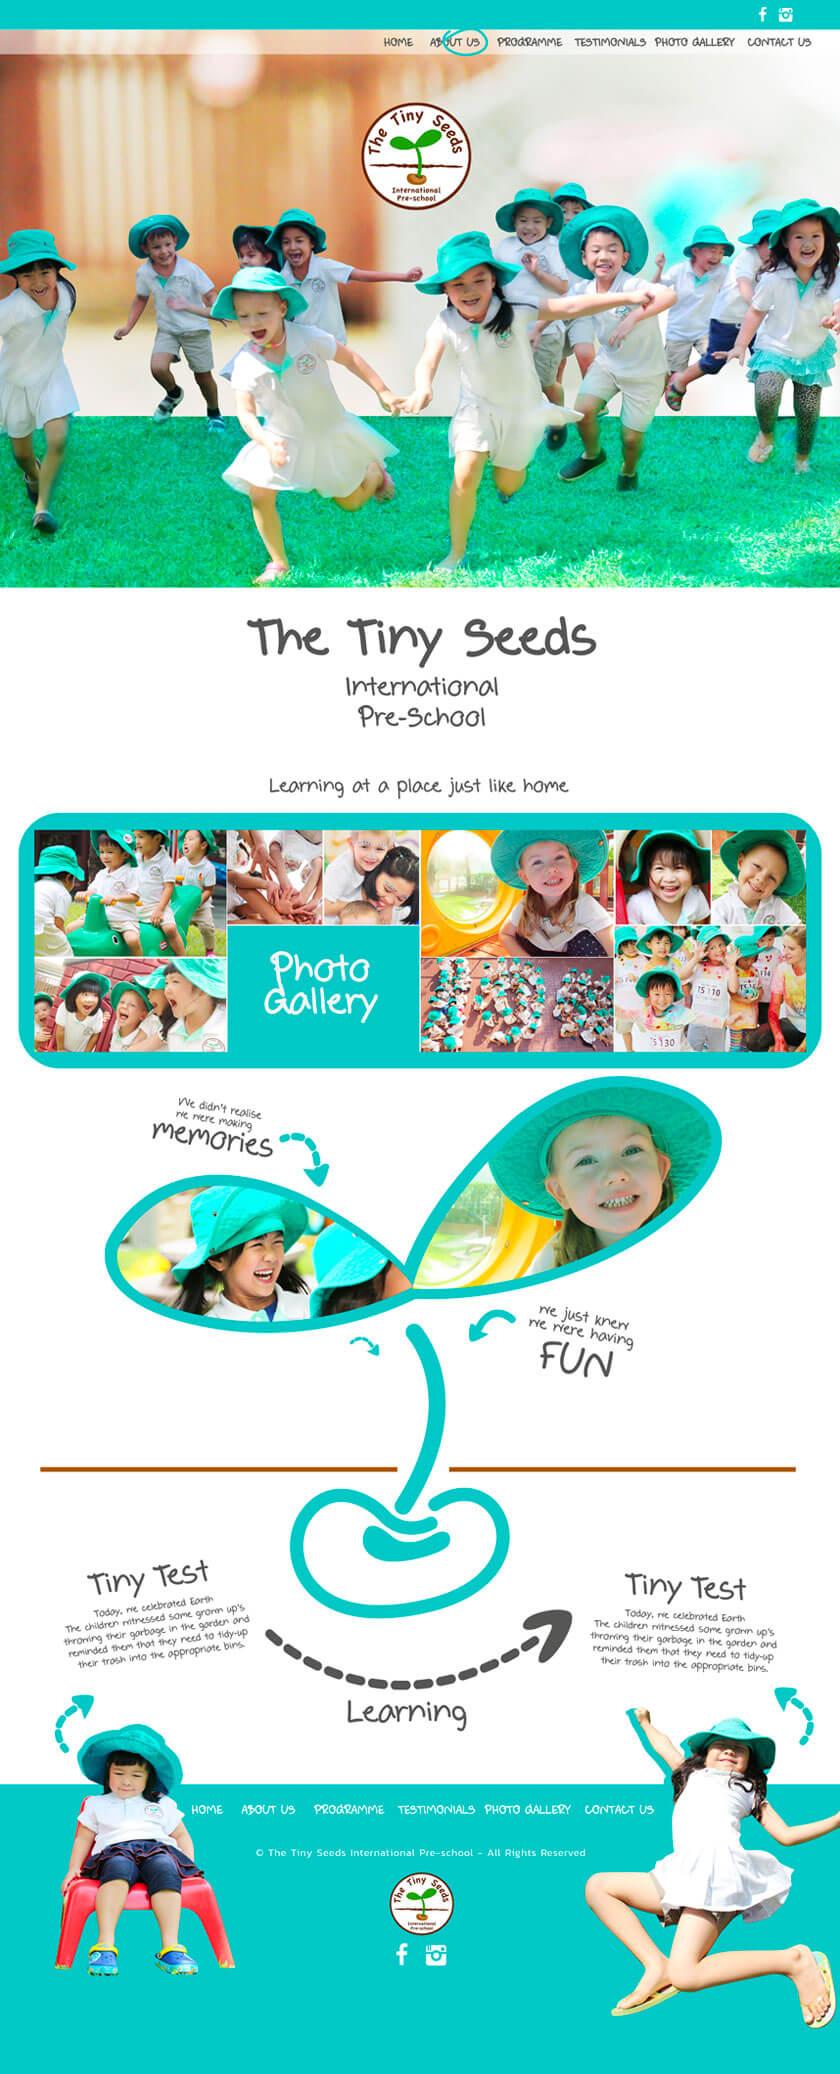 The-Tiny-Seeds School - ผลงานออกแบบเว็บไซต์โรงเรียน โดยทีมงาน MeDee